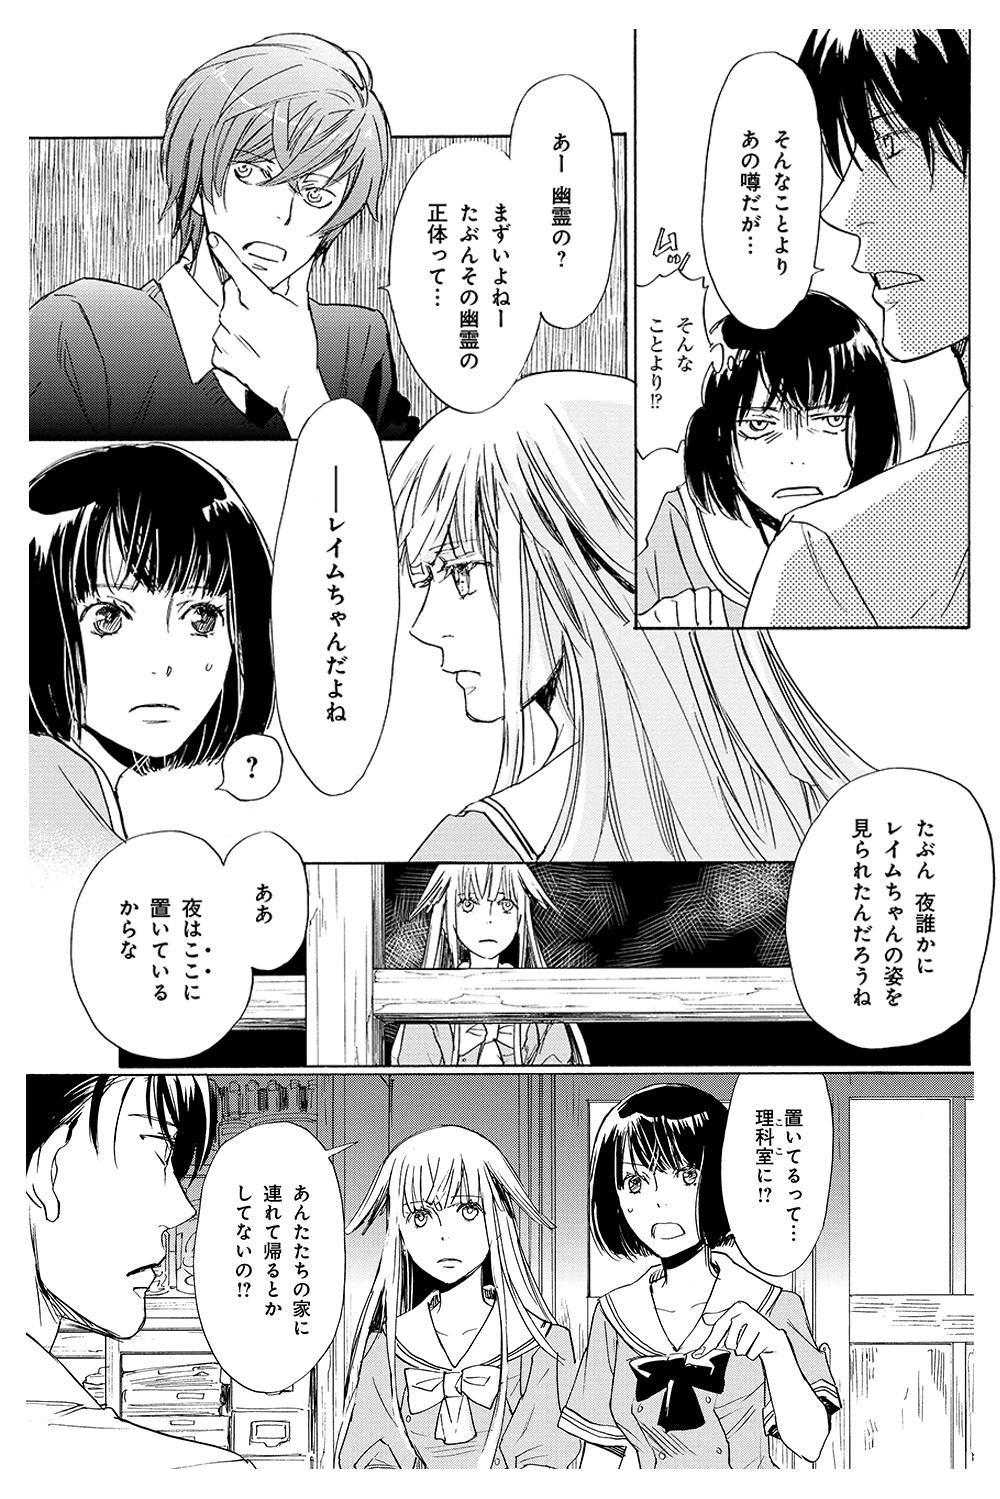 少女ゴーレムと理科室の変人たち 第2話①golem03-07.jpg